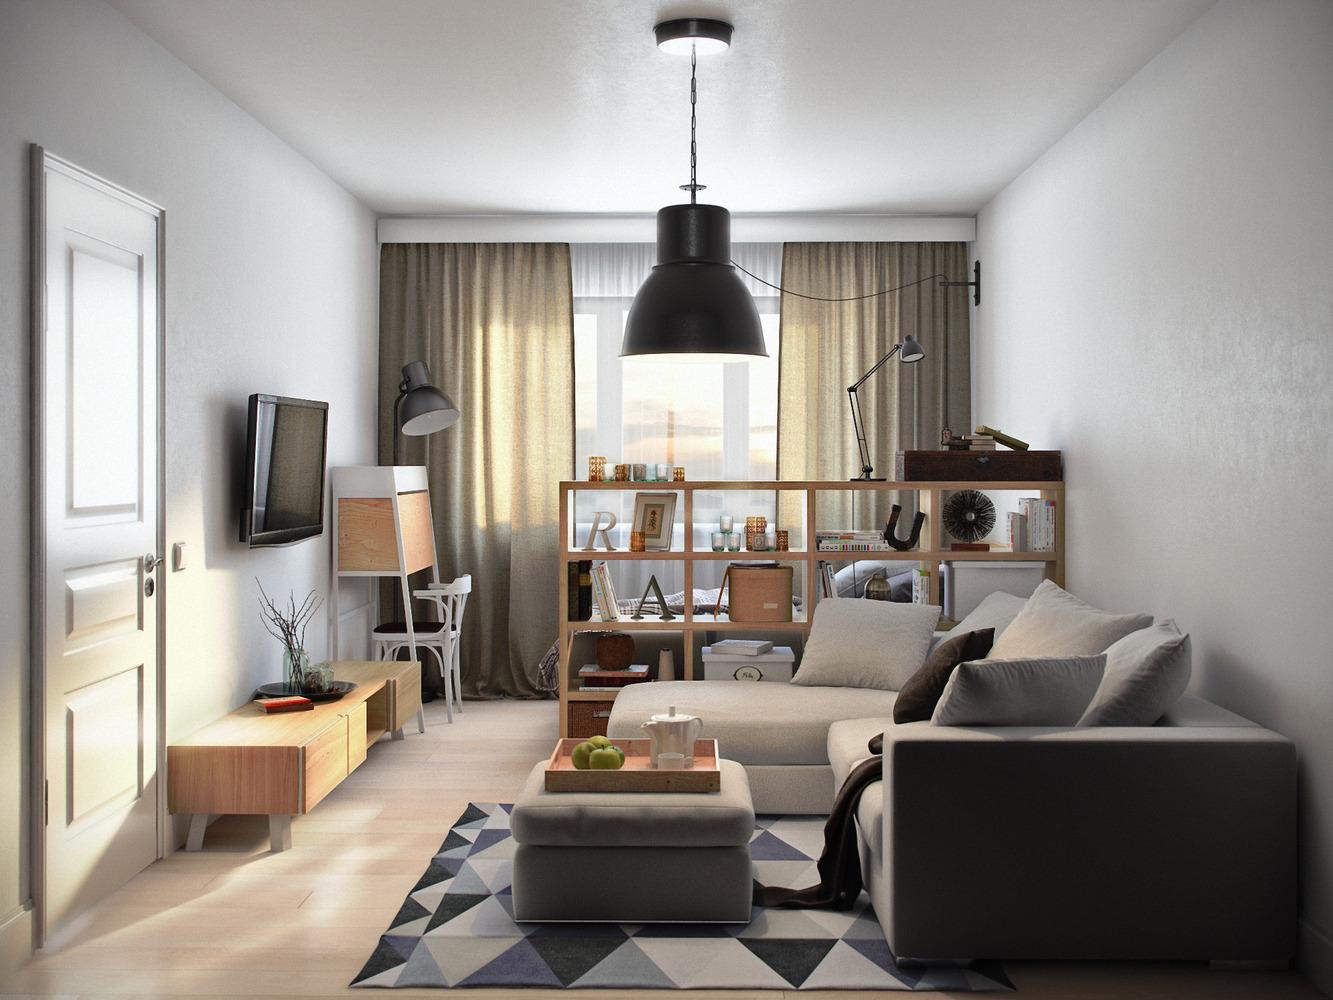 interer odnokomnatnoj kvartiry primery idei i rekomendacii - Идеи интерьера двухкомнатной квартиры